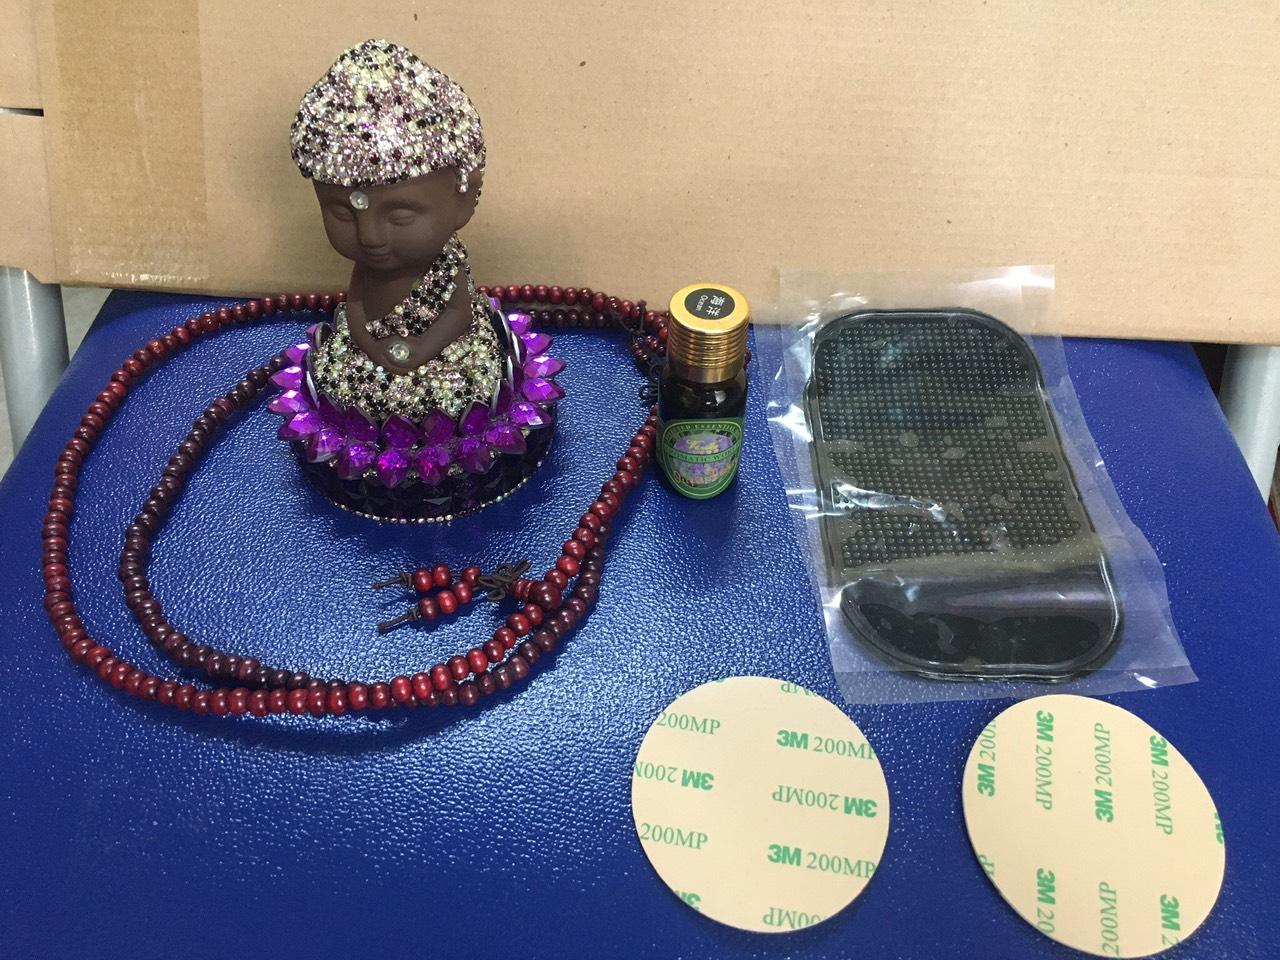 Tượng Phật nước hoa pha lê để xe ô tô, tặng kèm tinh dầu nước hoa, chuỗi hạt, miếng chống trượt đa năng